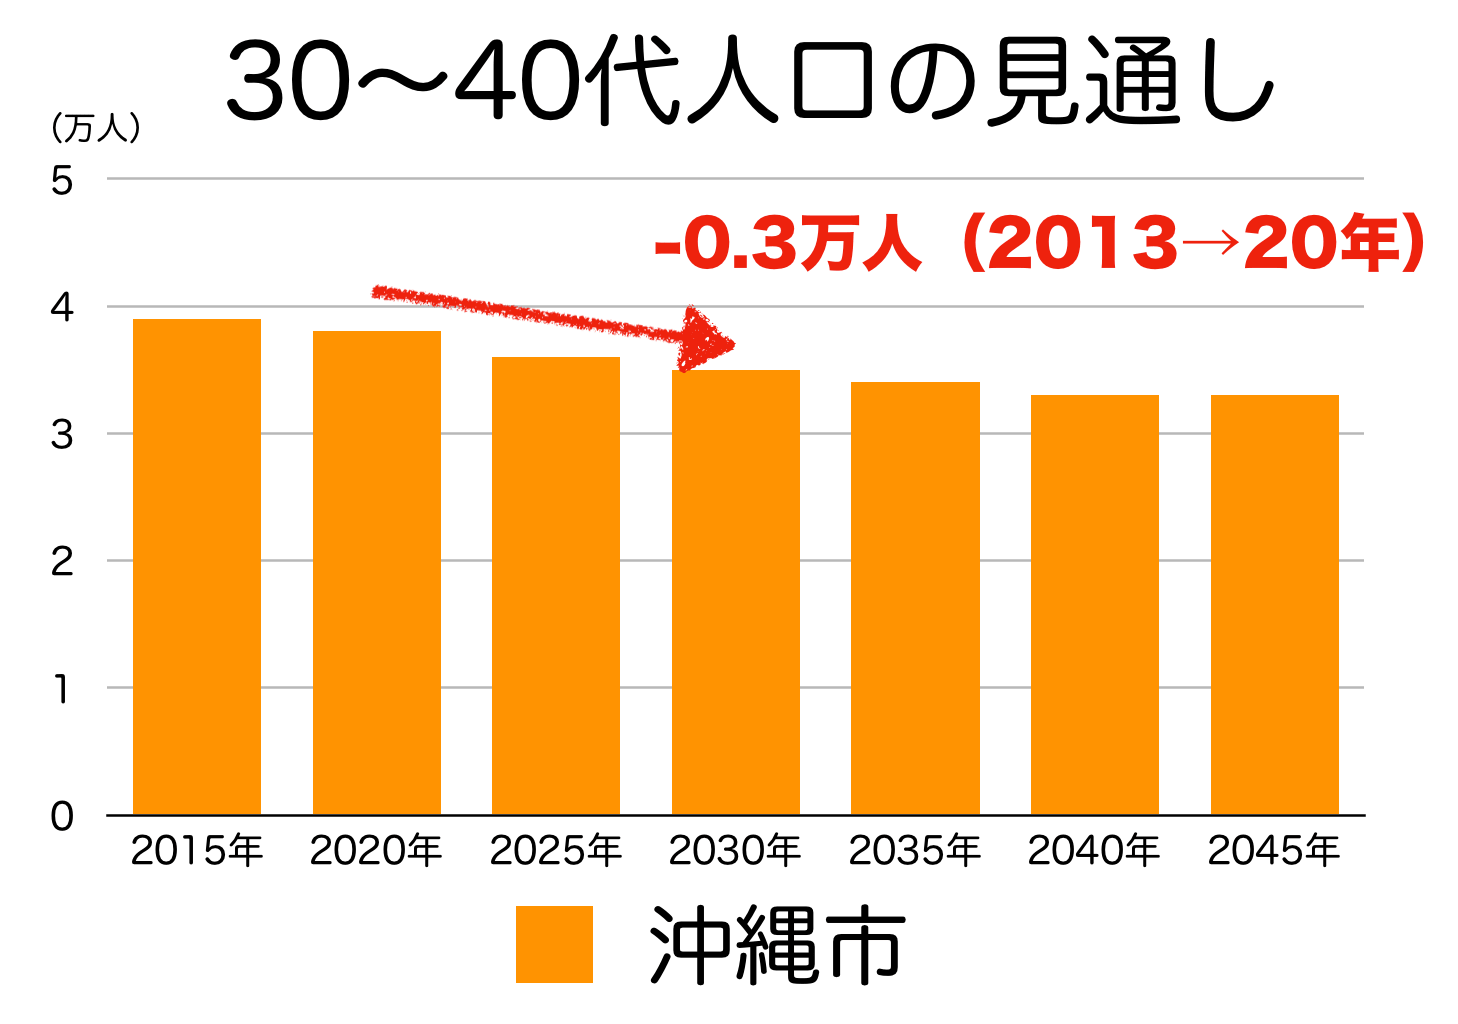 沖縄市の30〜40代人口の予測